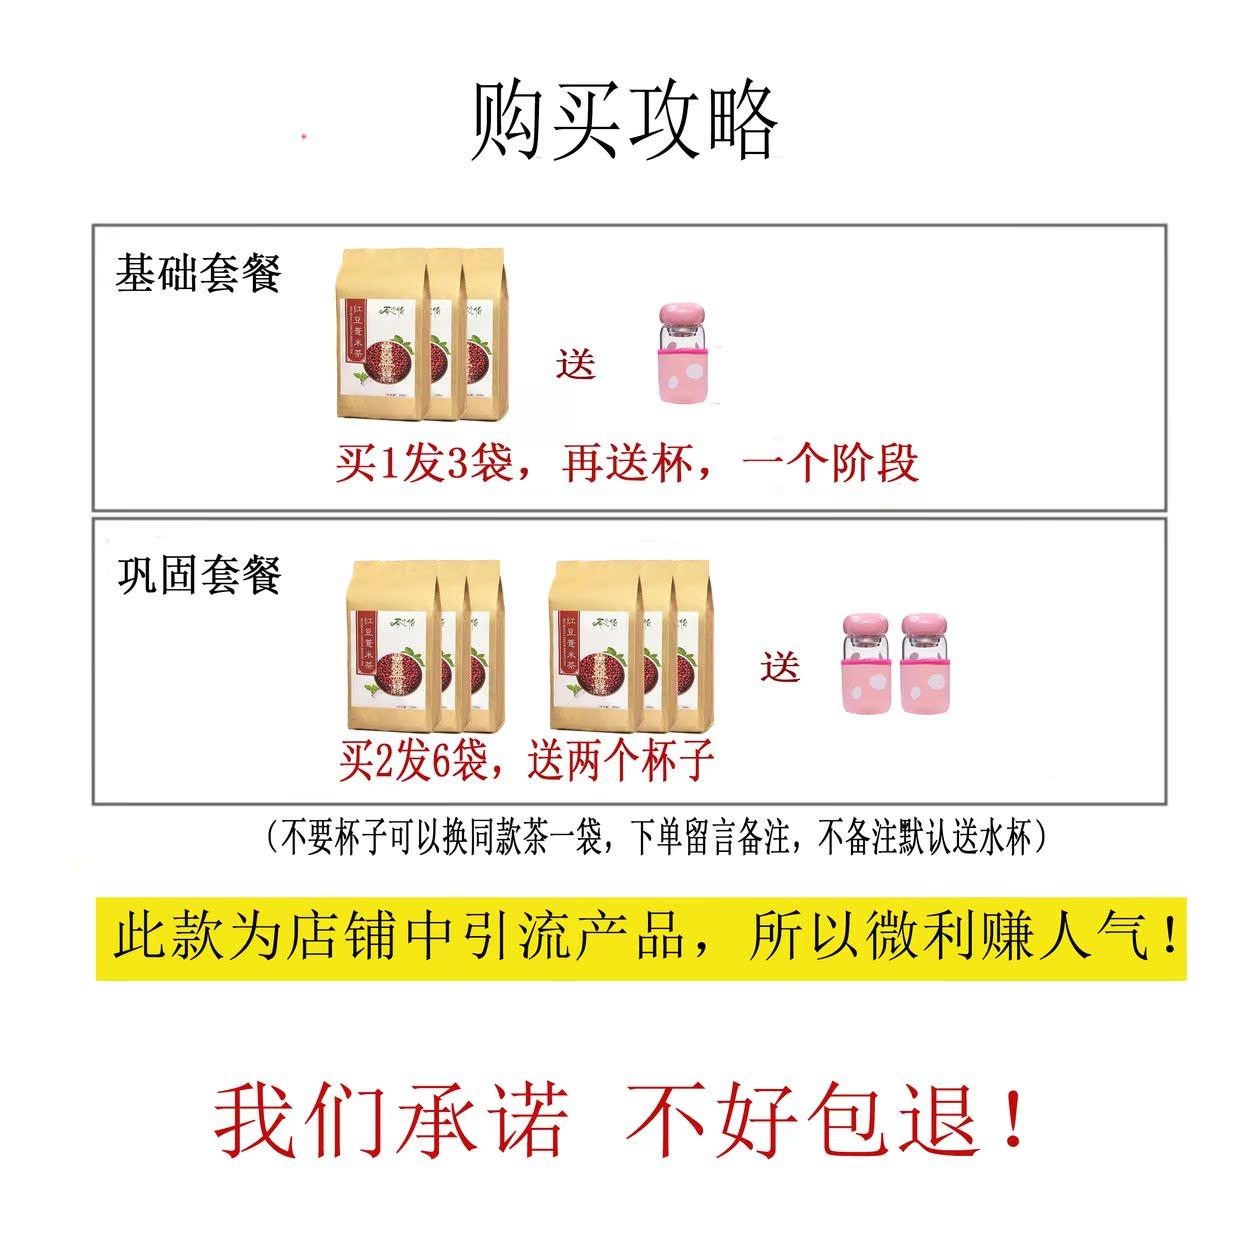 红豆薏米赤小豆芡实泡水喝薏仁茶体内湿气重男女非祛湿茶去湿气热销0件买三送一